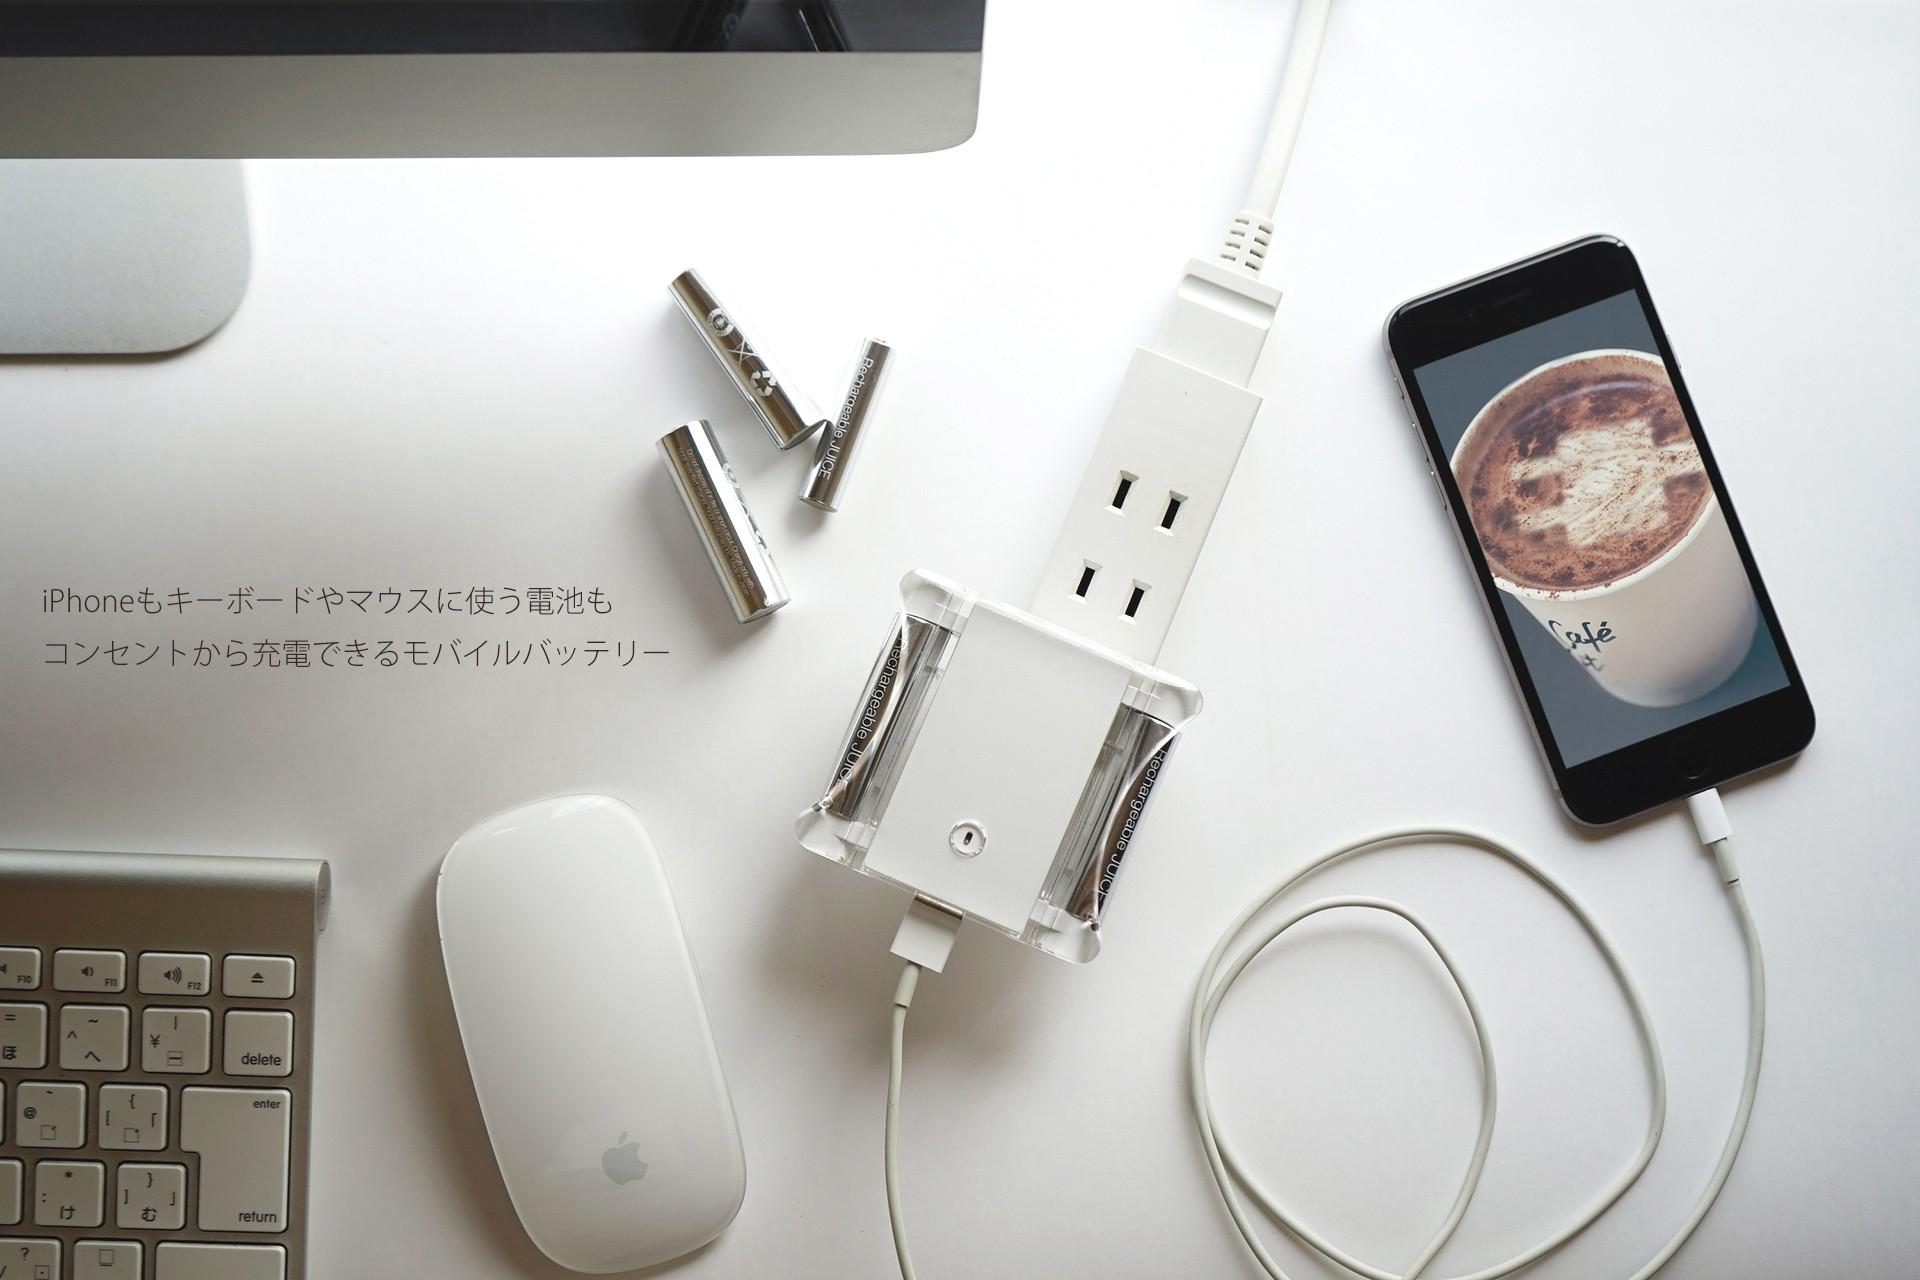 iPhoneも電池もコンセントから充電できるモバイルバッテリー